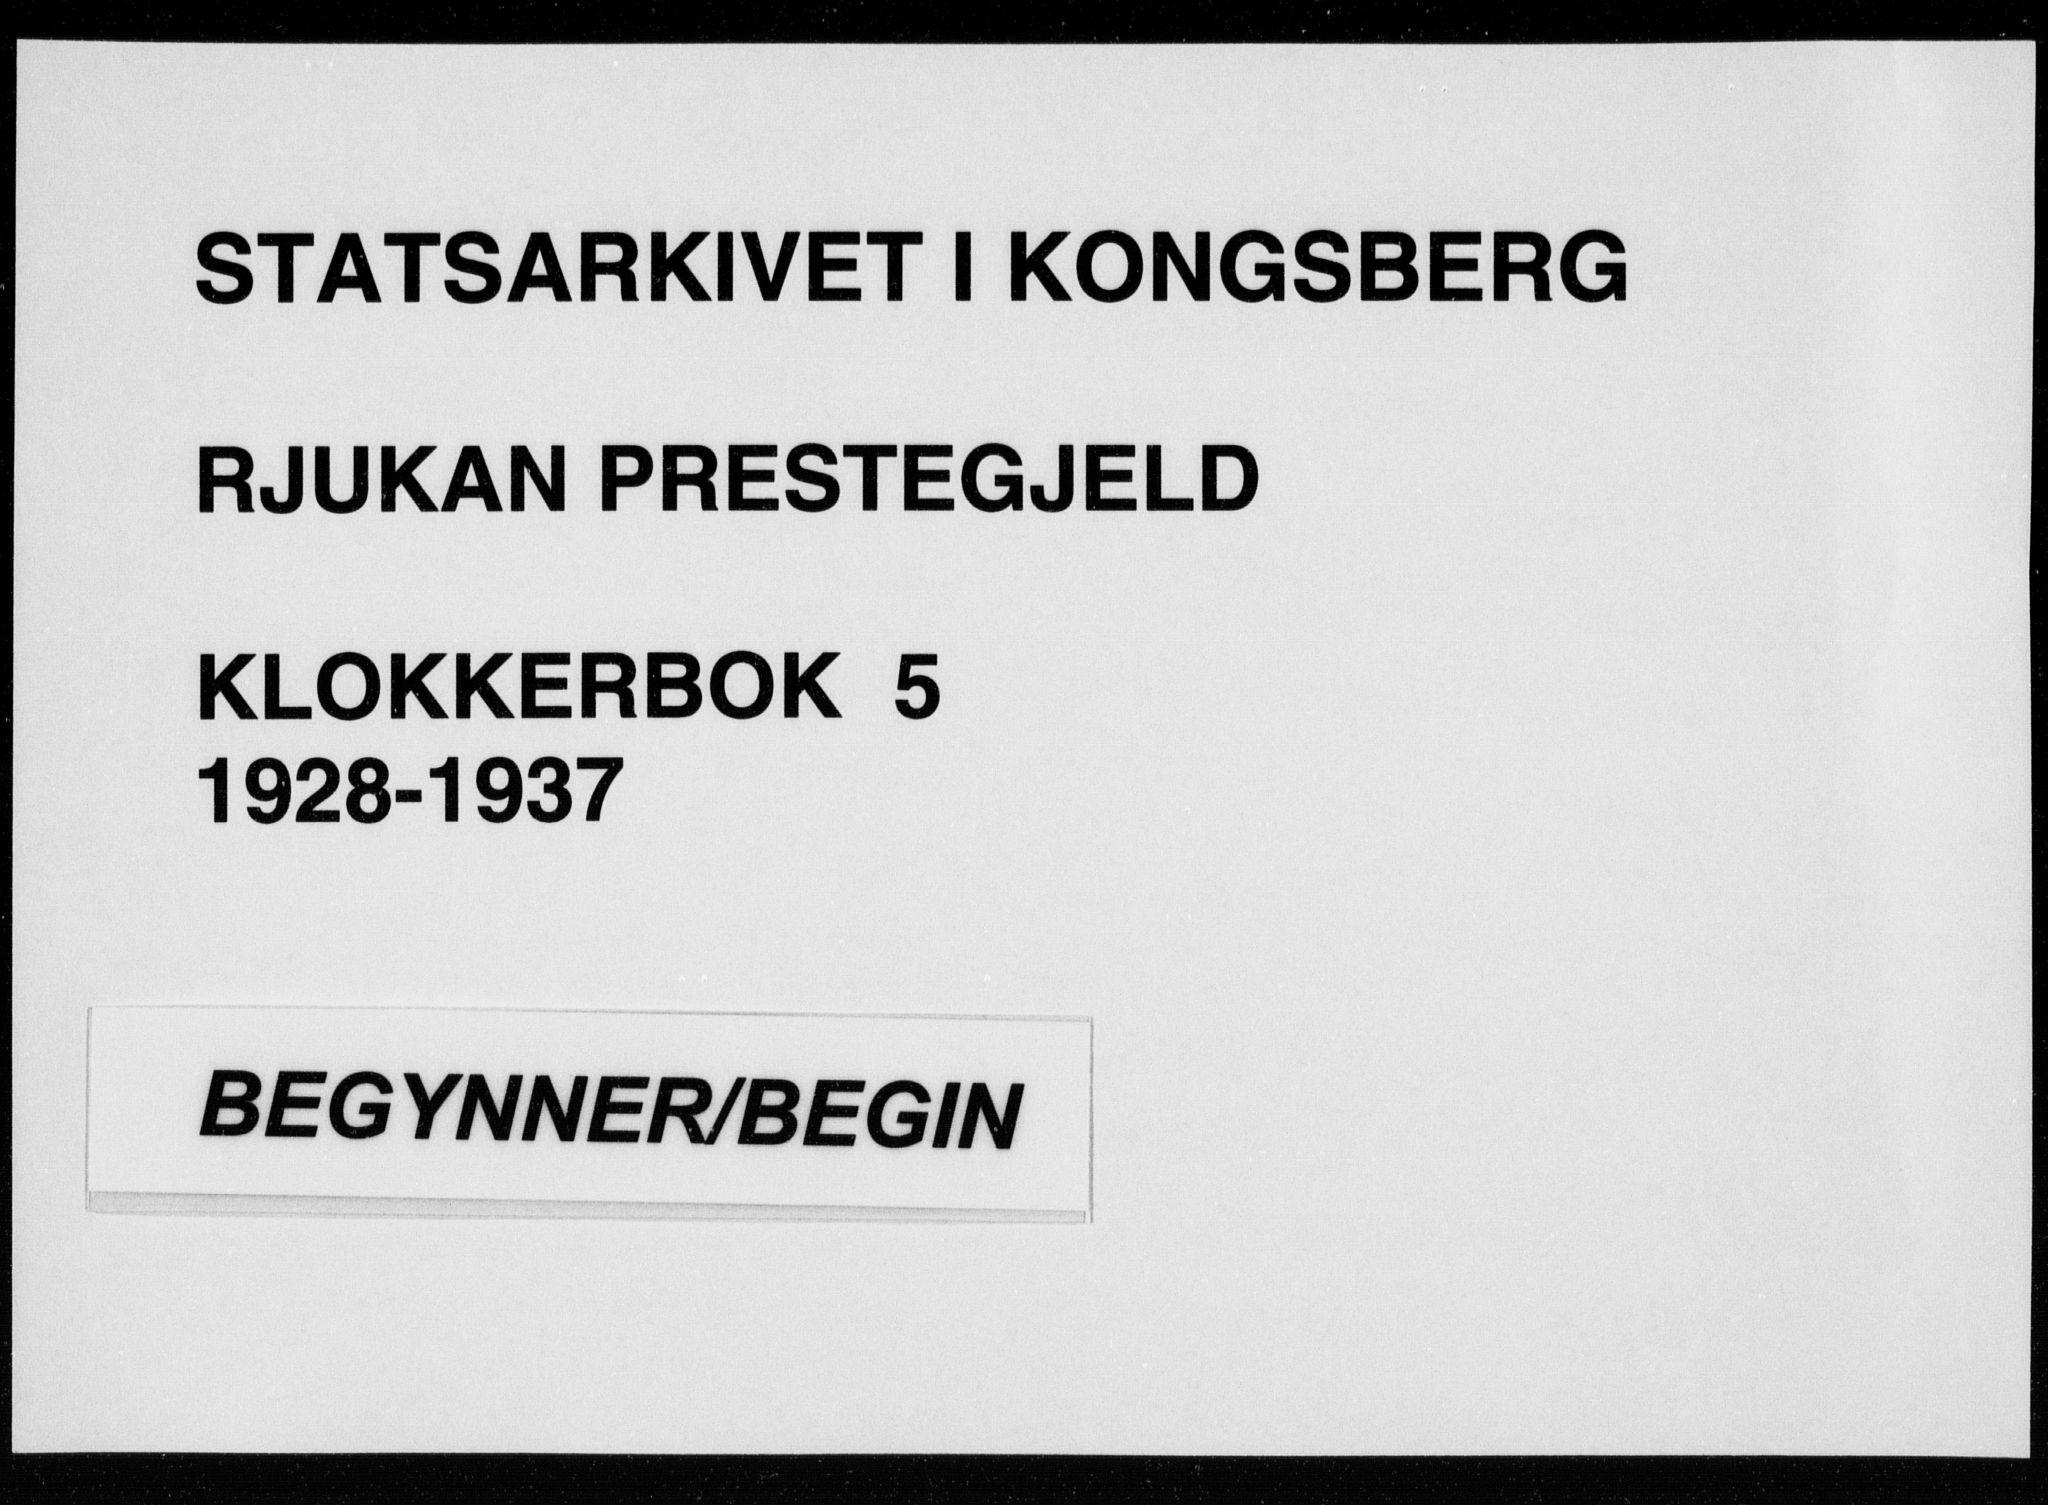 SAKO, Rjukan kirkebøker, G/Ga/L0005: Klokkerbok nr. 5, 1928-1937